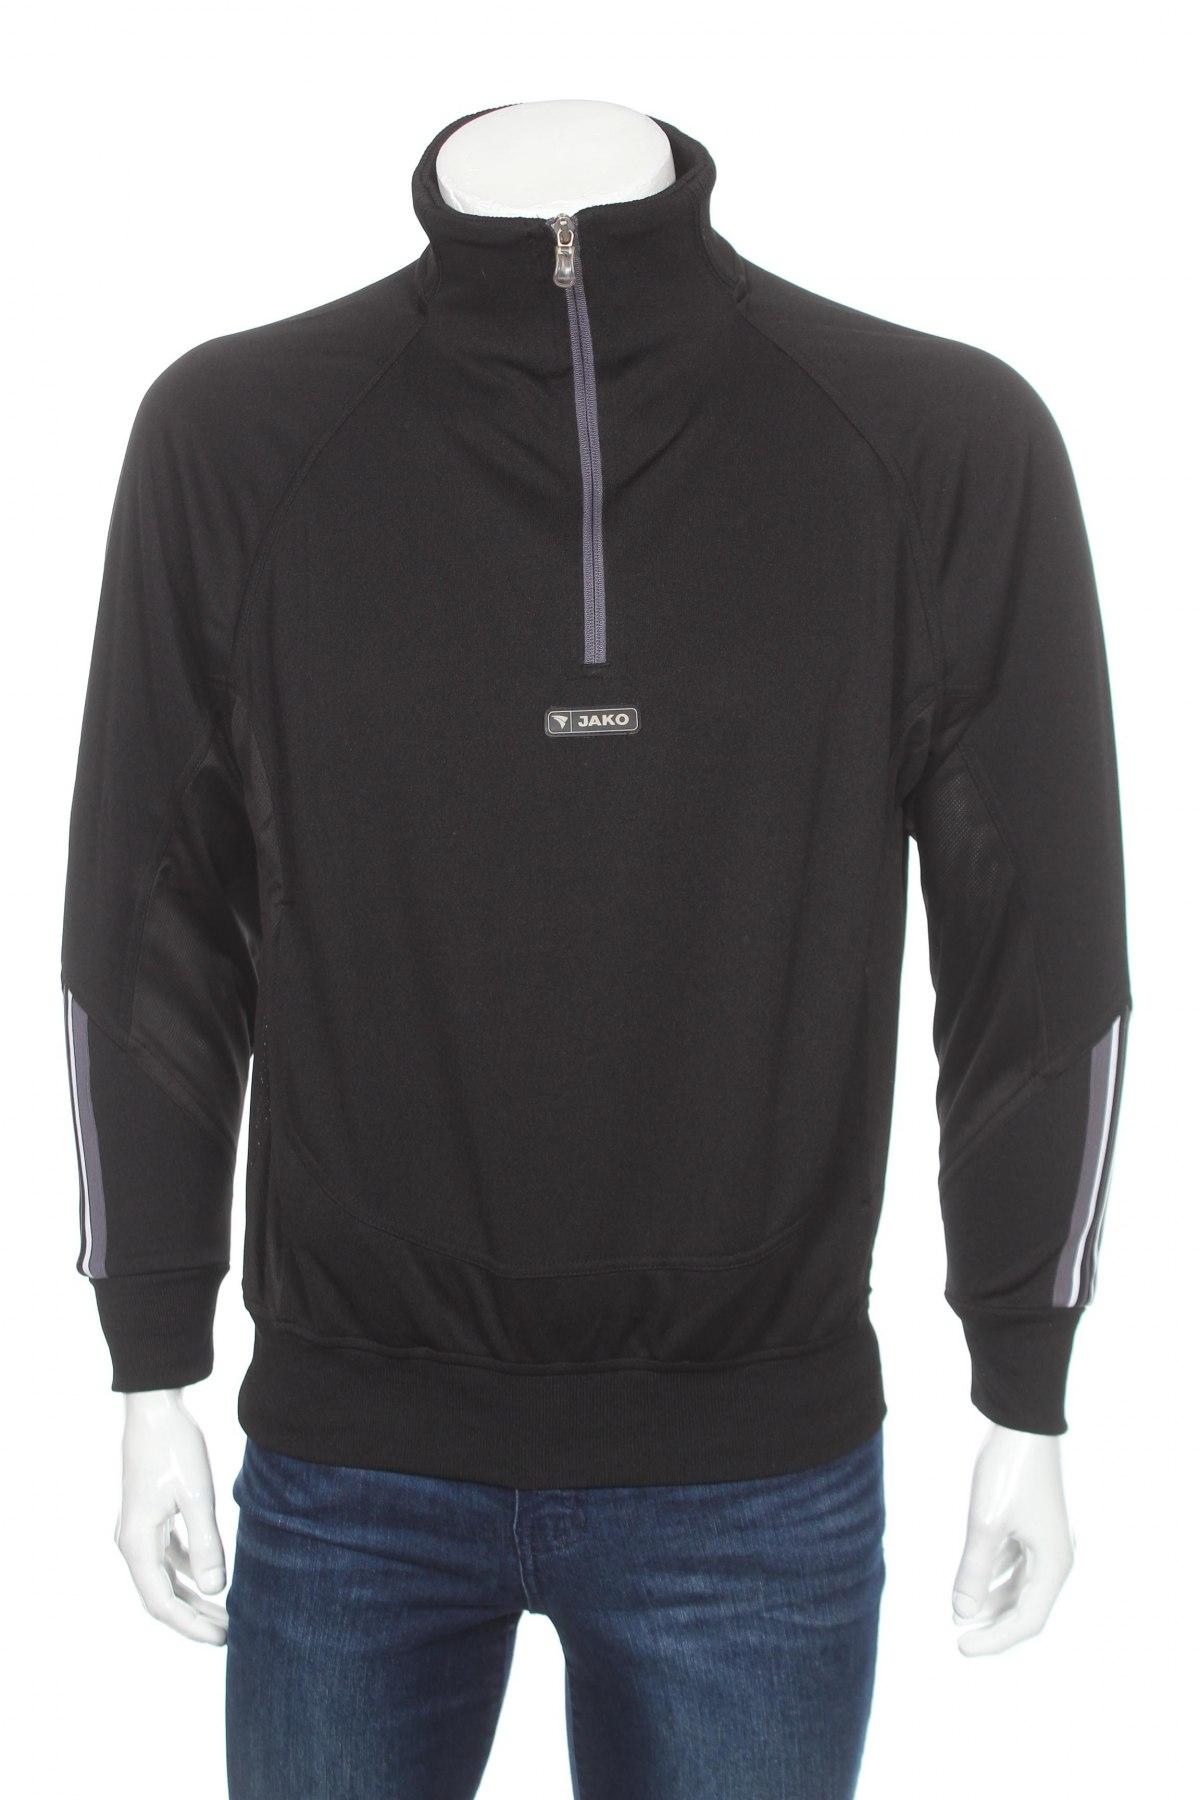 Мъжка спортна блуза Jako, Размер S, Цвят Черен, 100% полиестер, Цена 17,15лв.